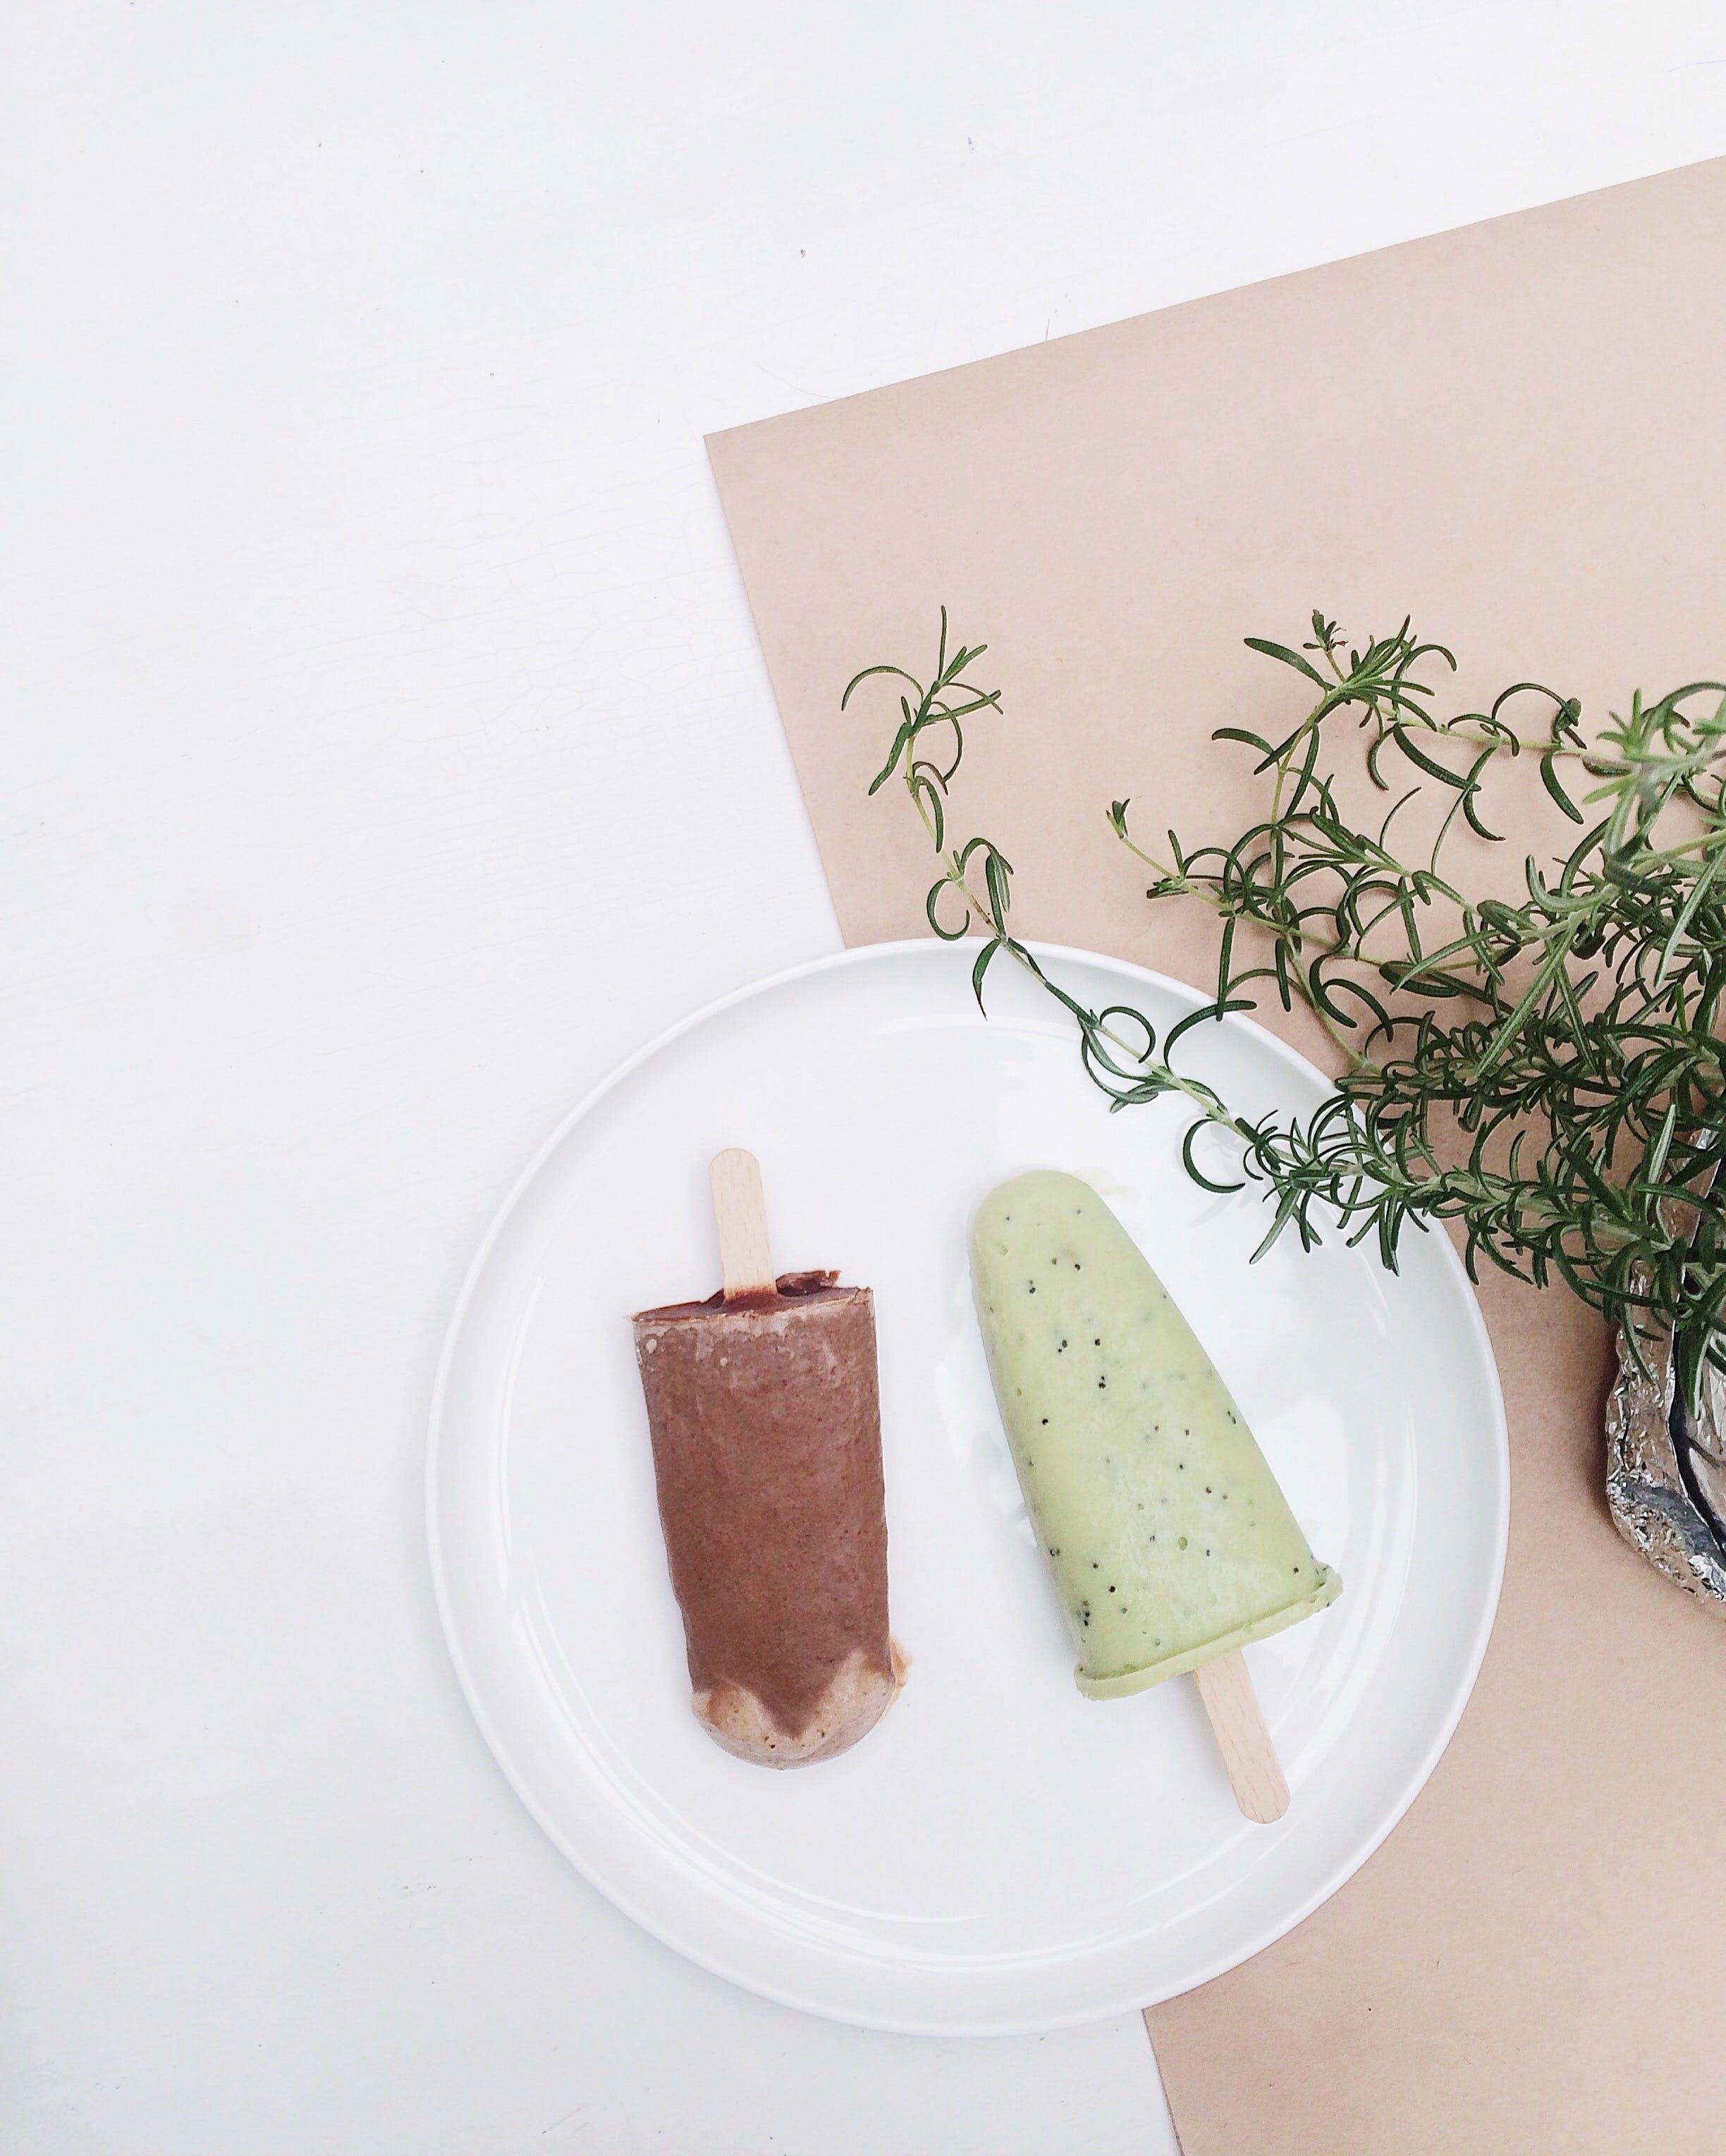 Δωρεάν στοκ φωτογραφιών με γαλακτοκομικά προϊόντα, νεκρή φύση, πιατέλα